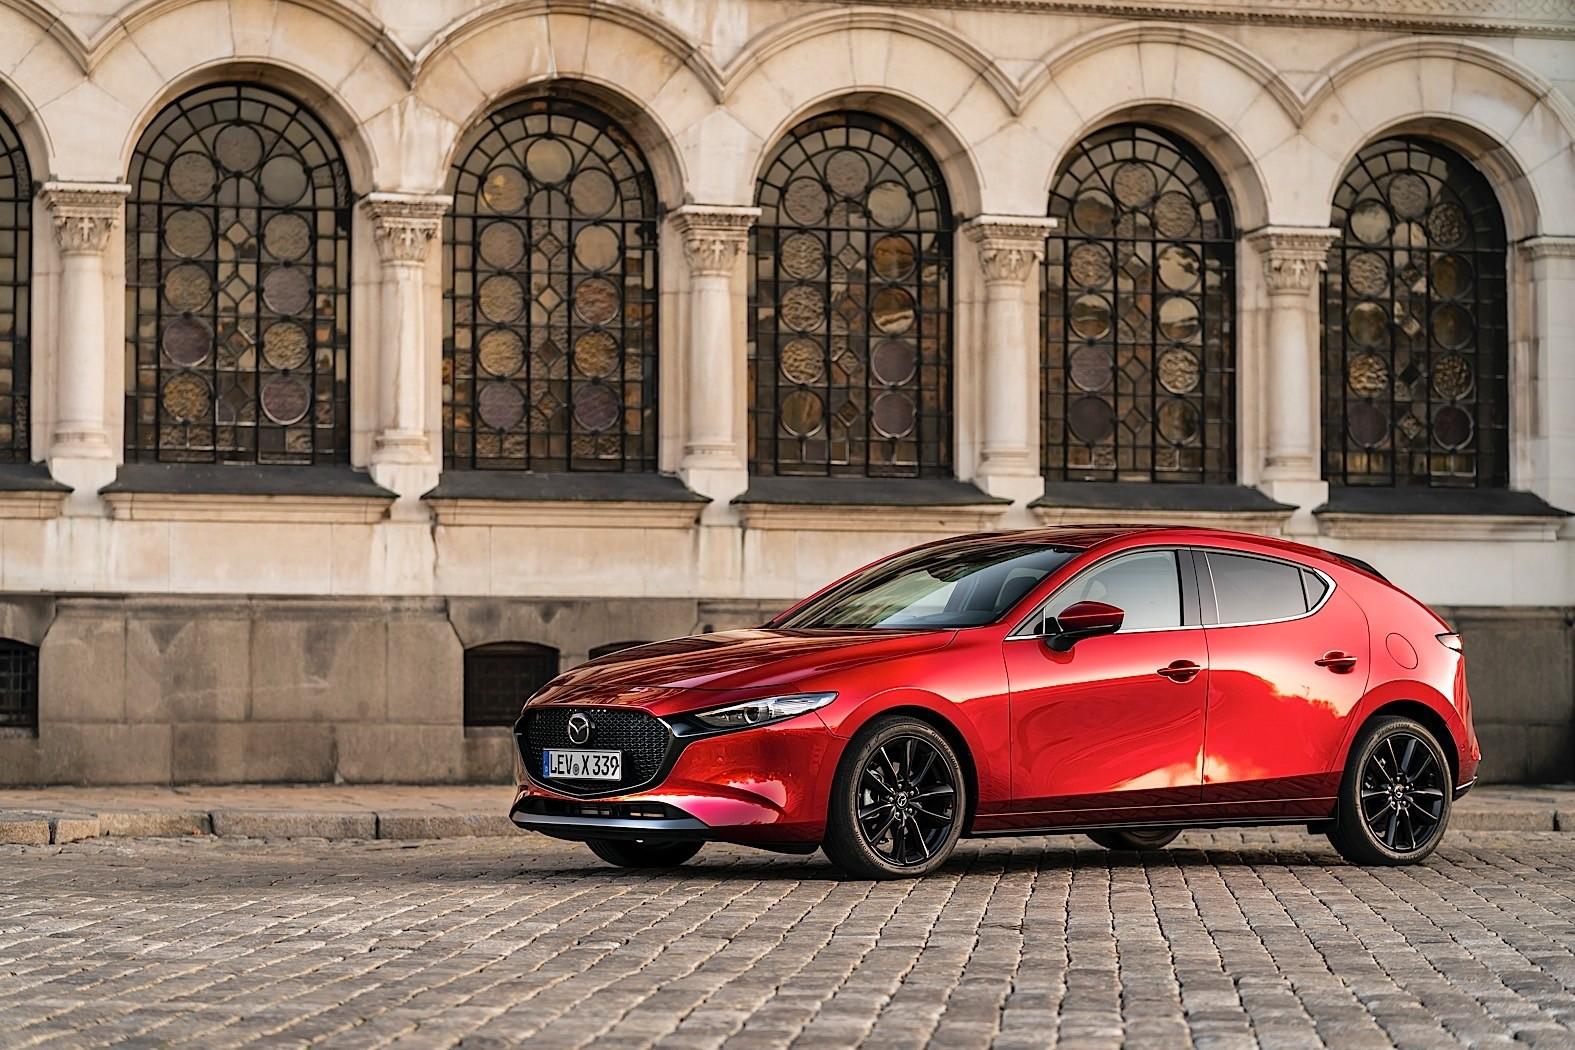 2021 Mazda3 Turbo Revealed With SkyActiv-G 2.5T Engine ...